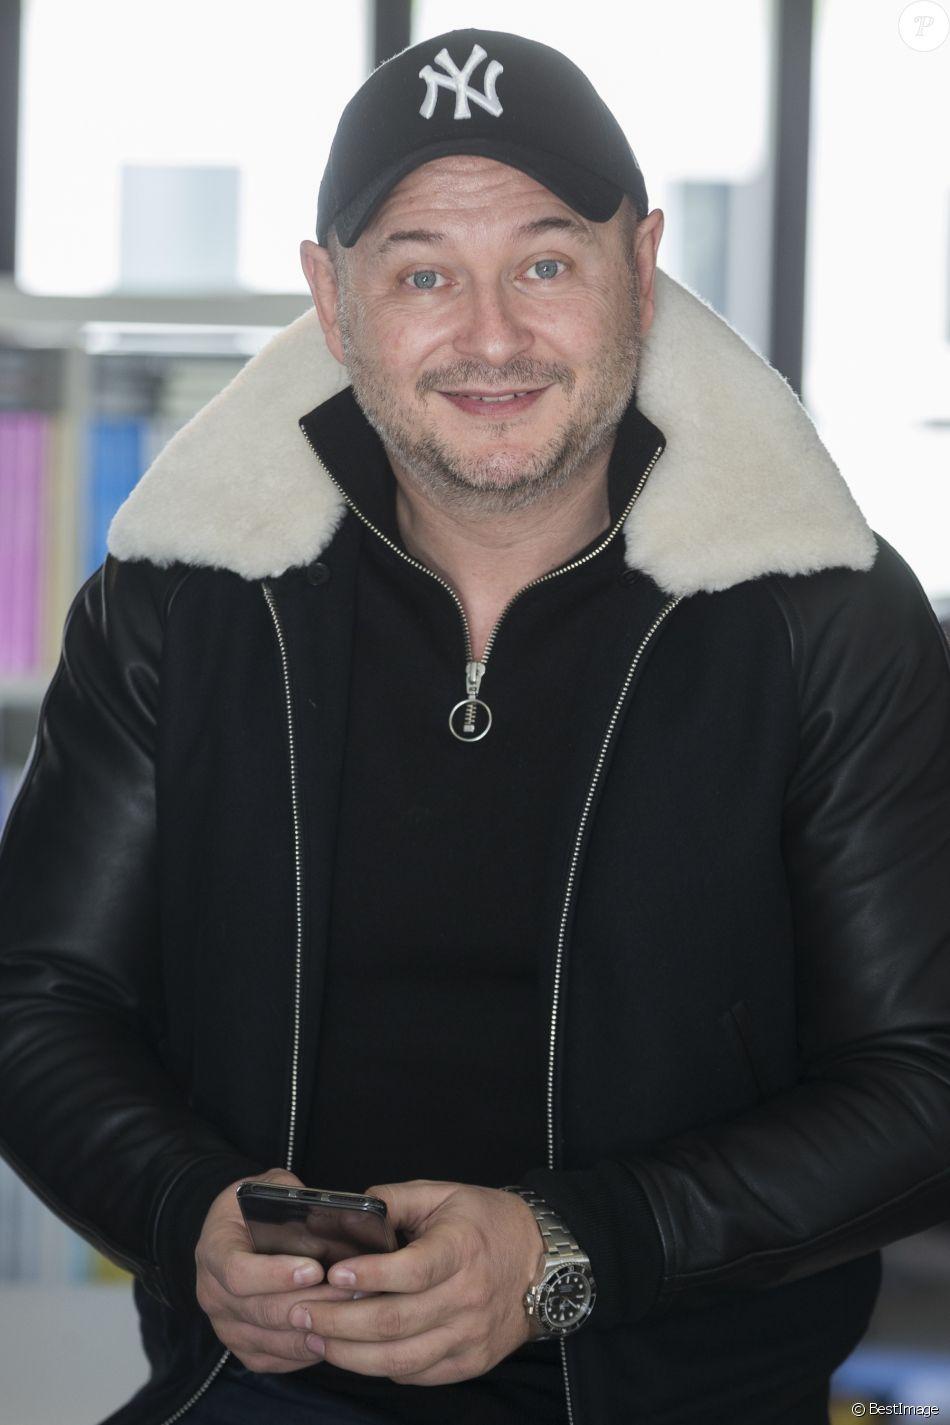 """Exclusif - Rendez-vous avec Sébastien Cauet dans les locaux de Webedia pour une interview pour """"Purepeople"""" à Levallois-Perret le 26 janvier 2017."""